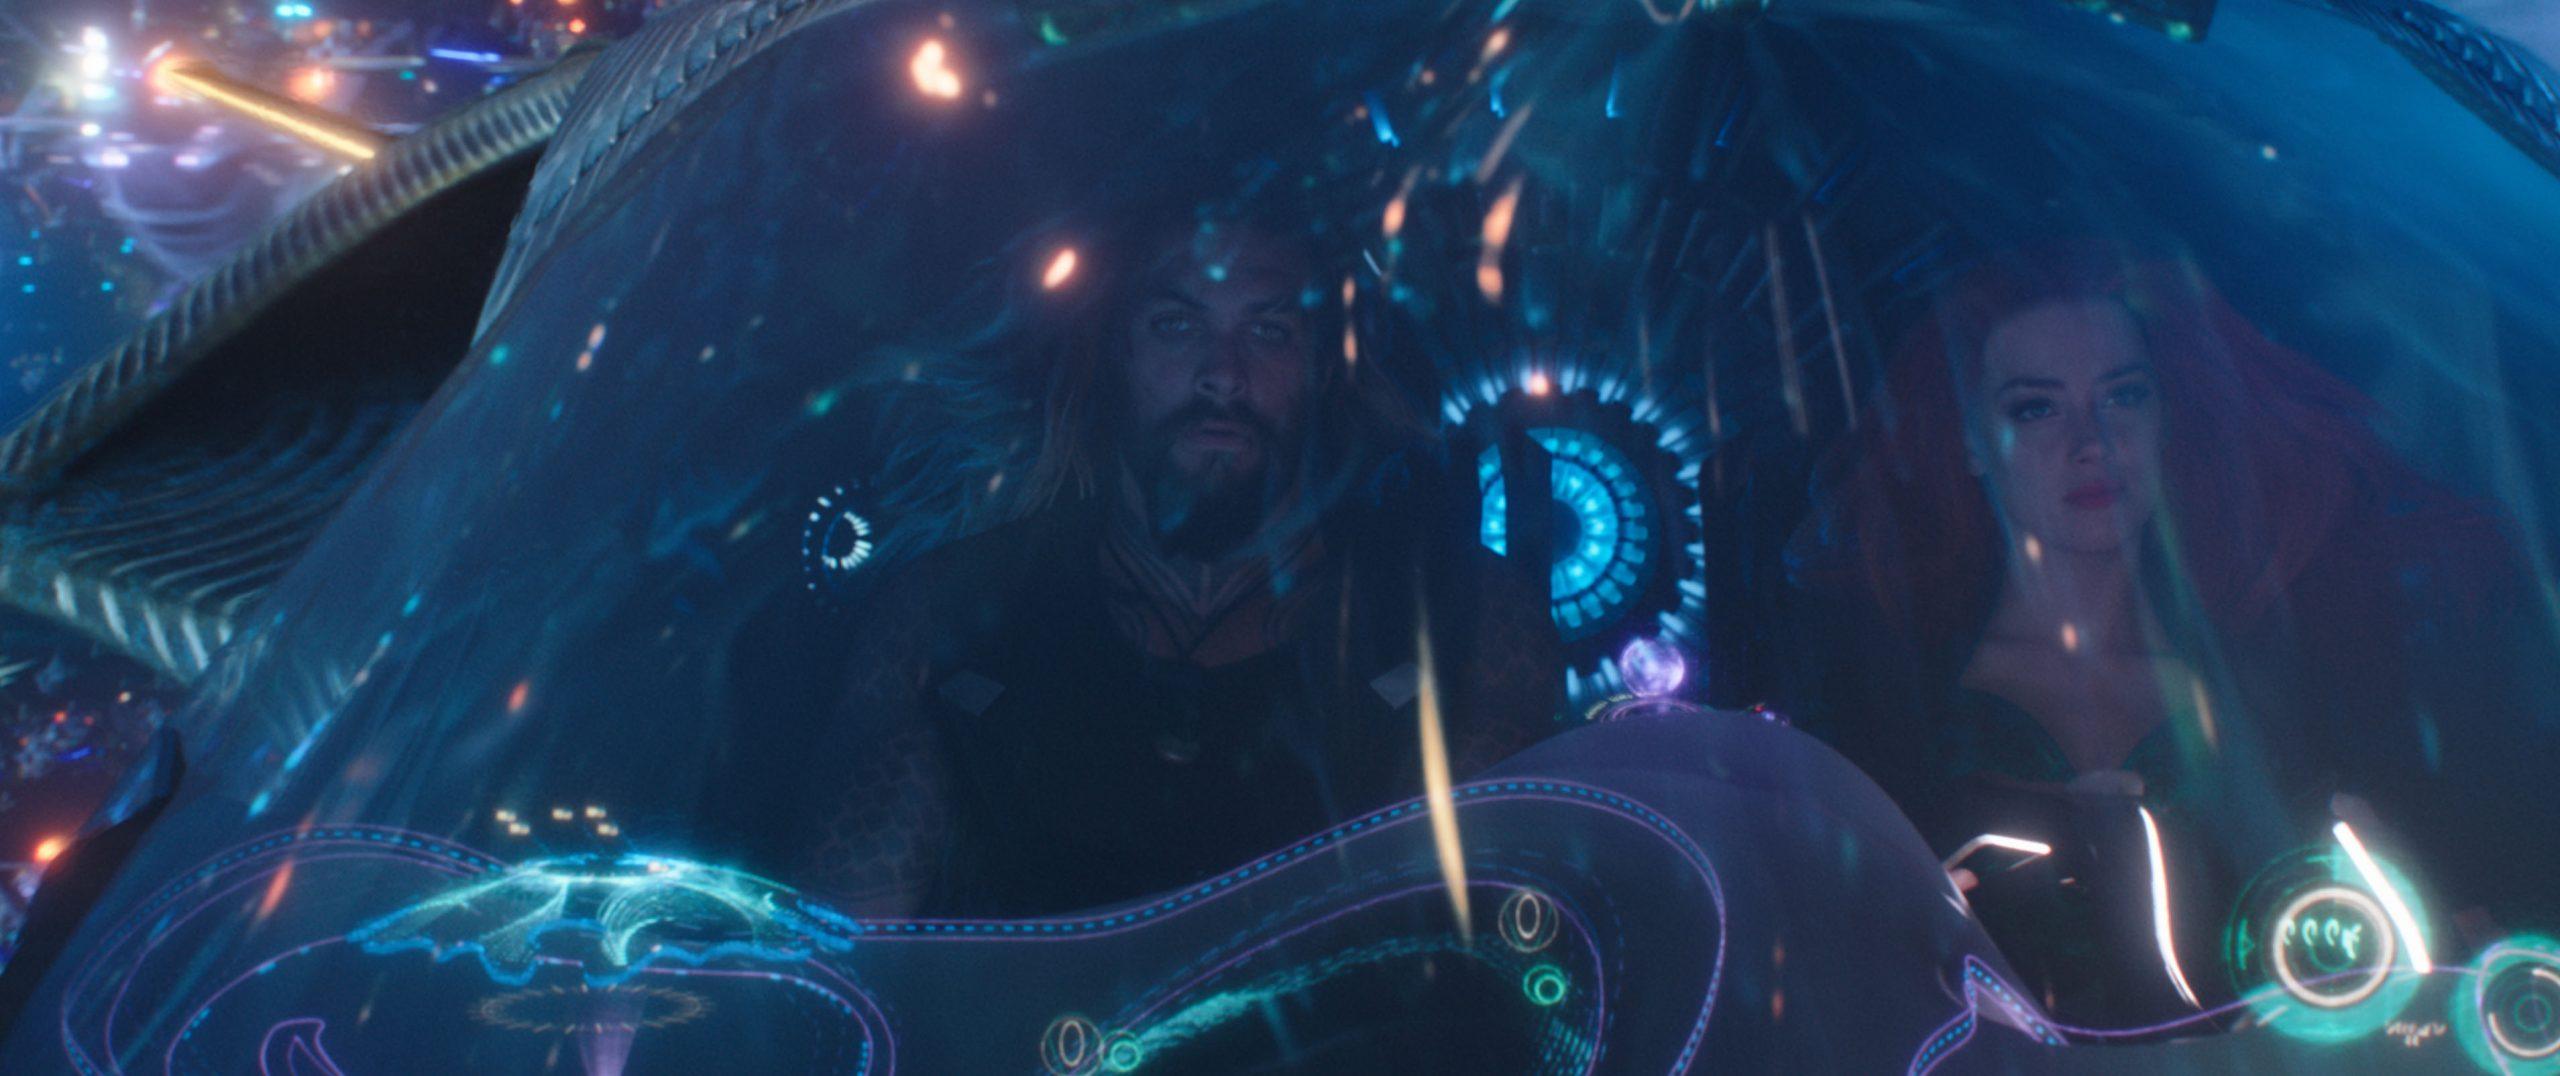 Aquaman-LED_VAD.c